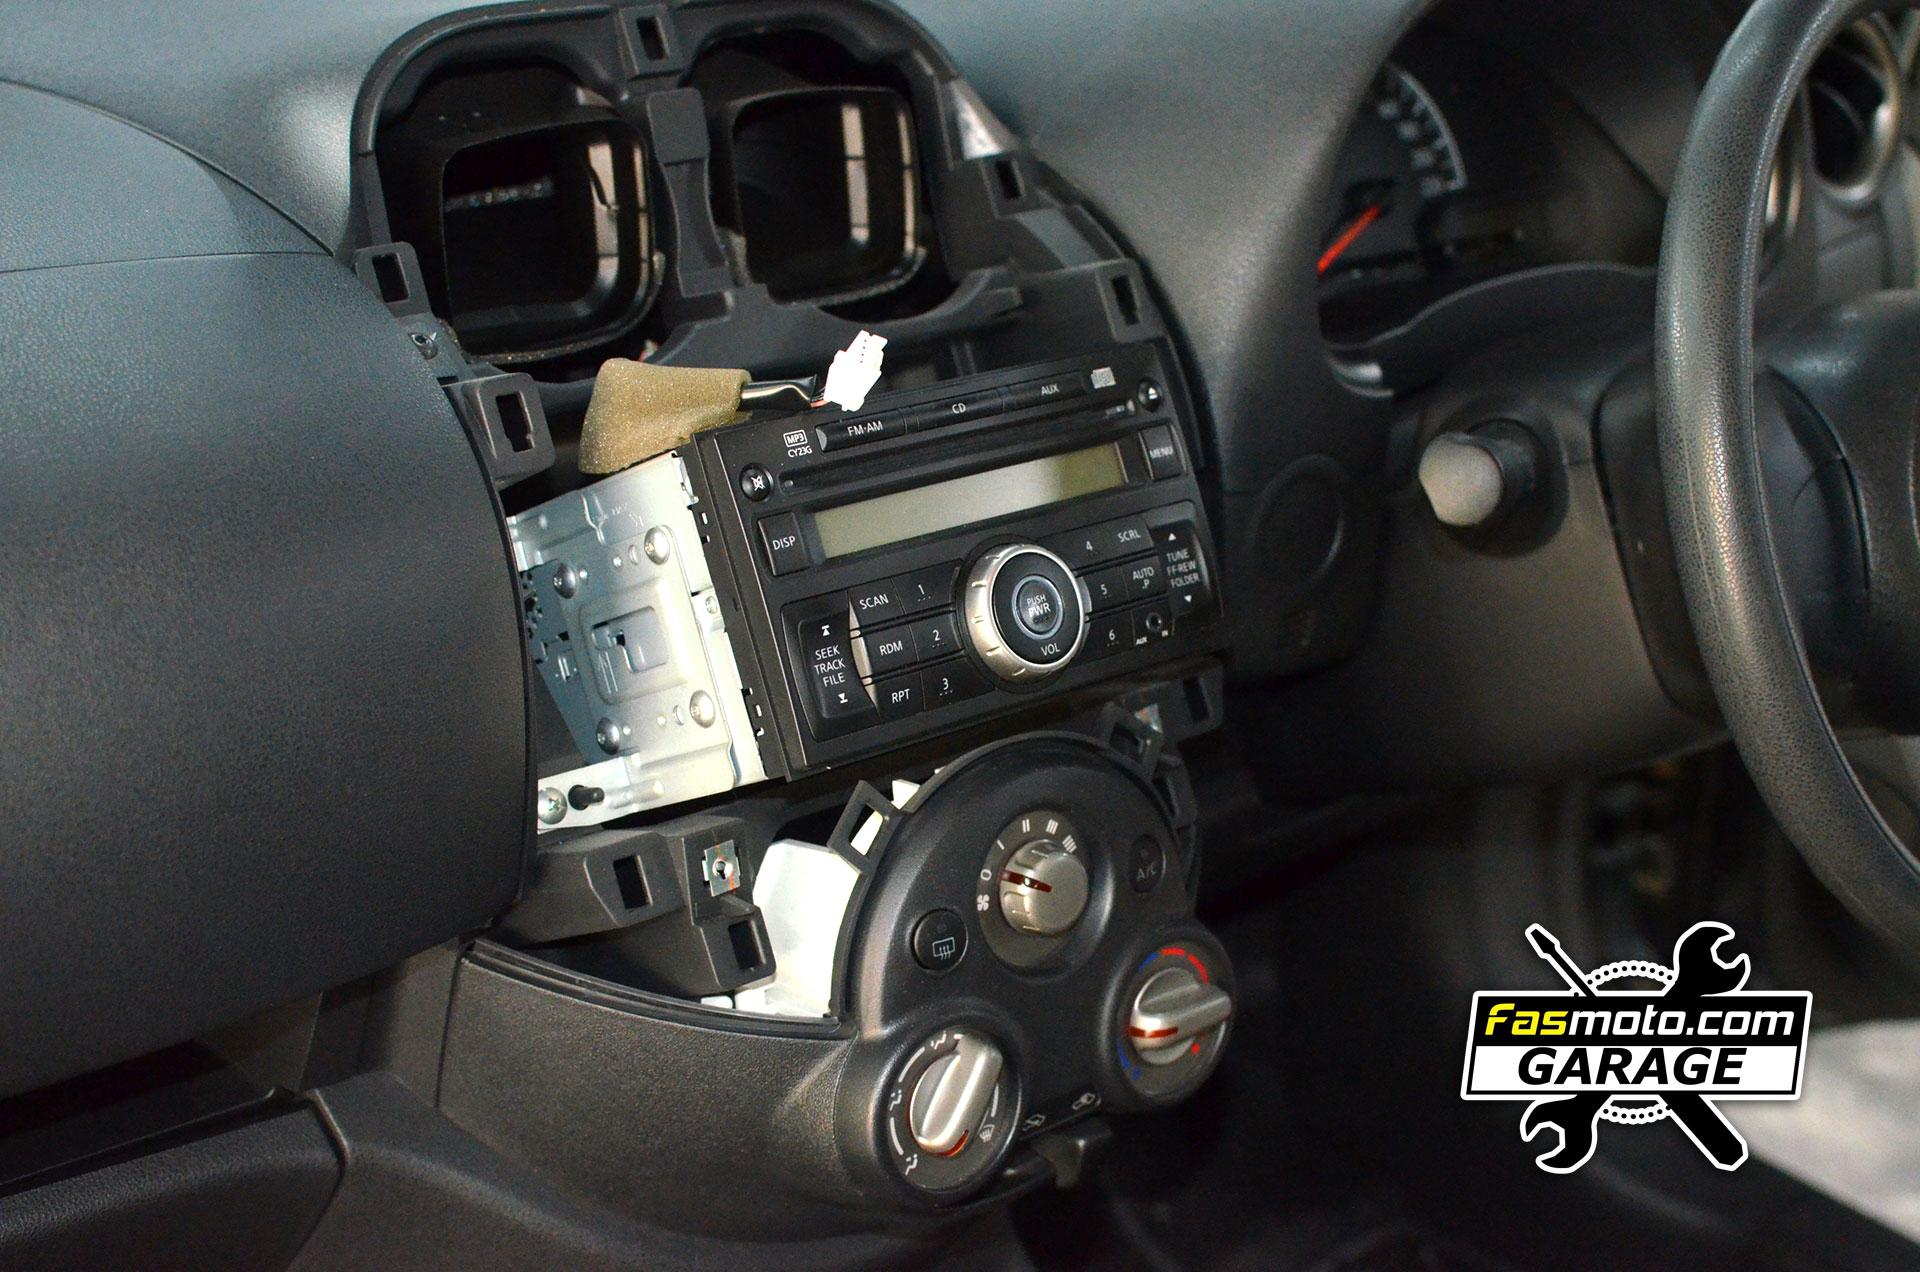 The Nissan Almera N17 factory head unit